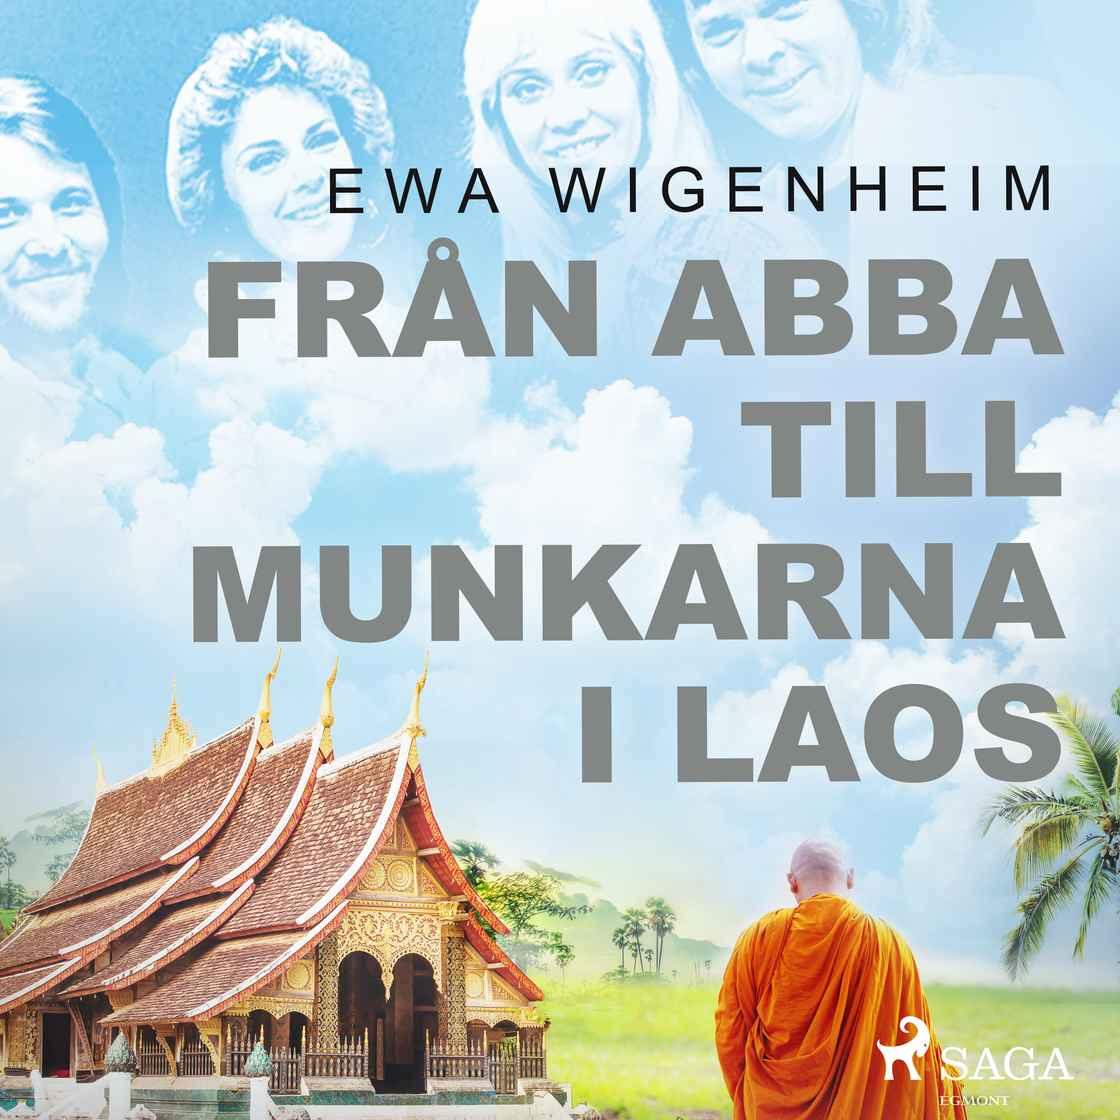 Från ABBA till munkarna i Laos högupplöst